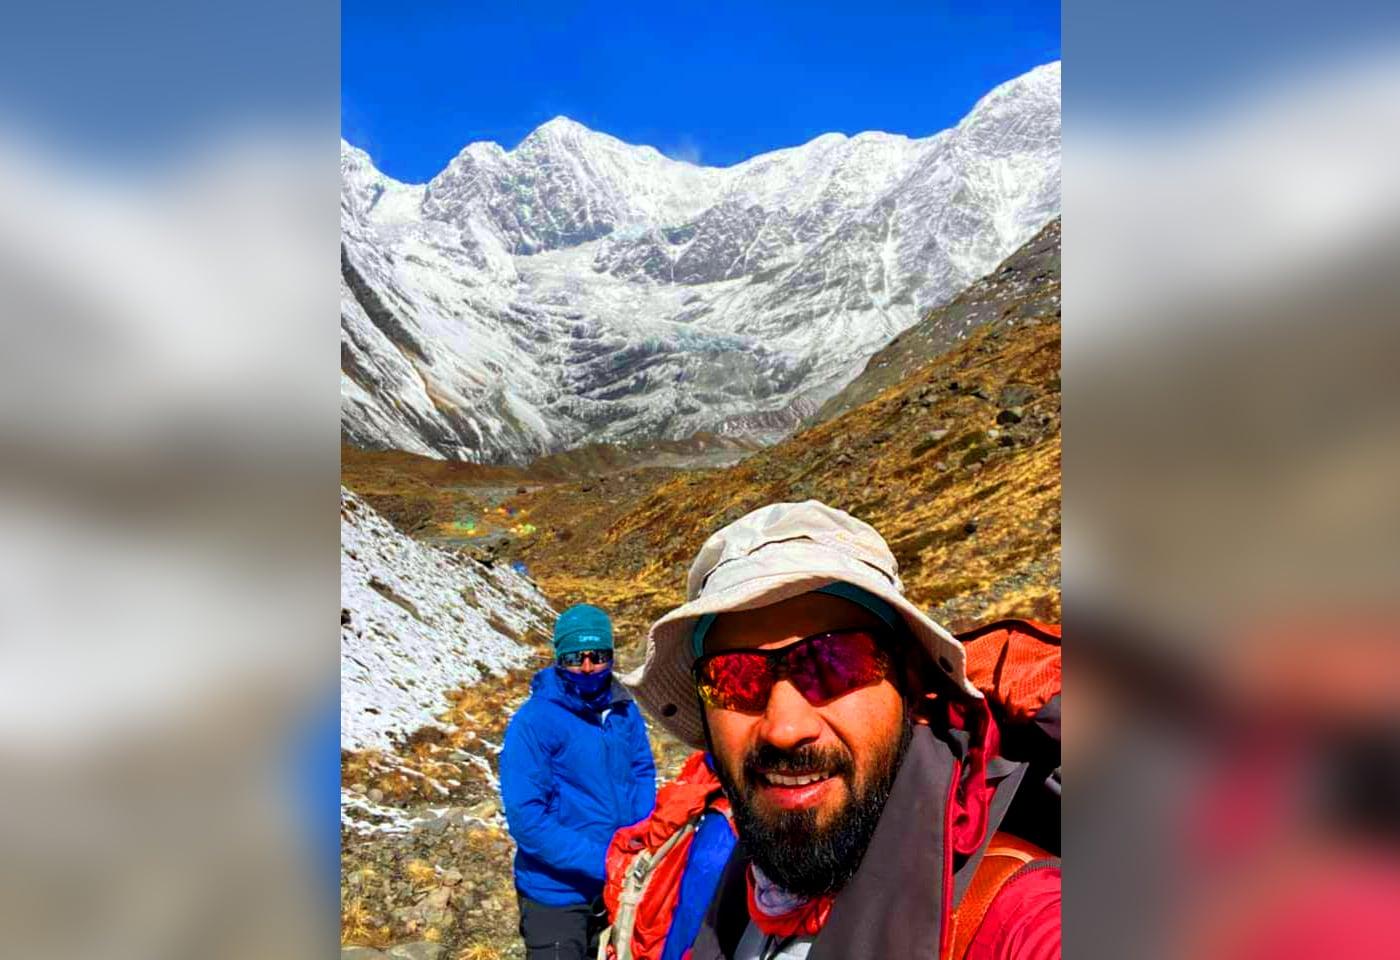 25 दिवसांत दोन आठहजारी शिखरांवर चढाई करण्यात जितेंद्रने यश मिळवत नवा इतिहास रचला आहे. एव्हरेस्टची उंची 8848.86 मीटर आहे तर अन्नपूर्णाची 8091 मीटर आहे.